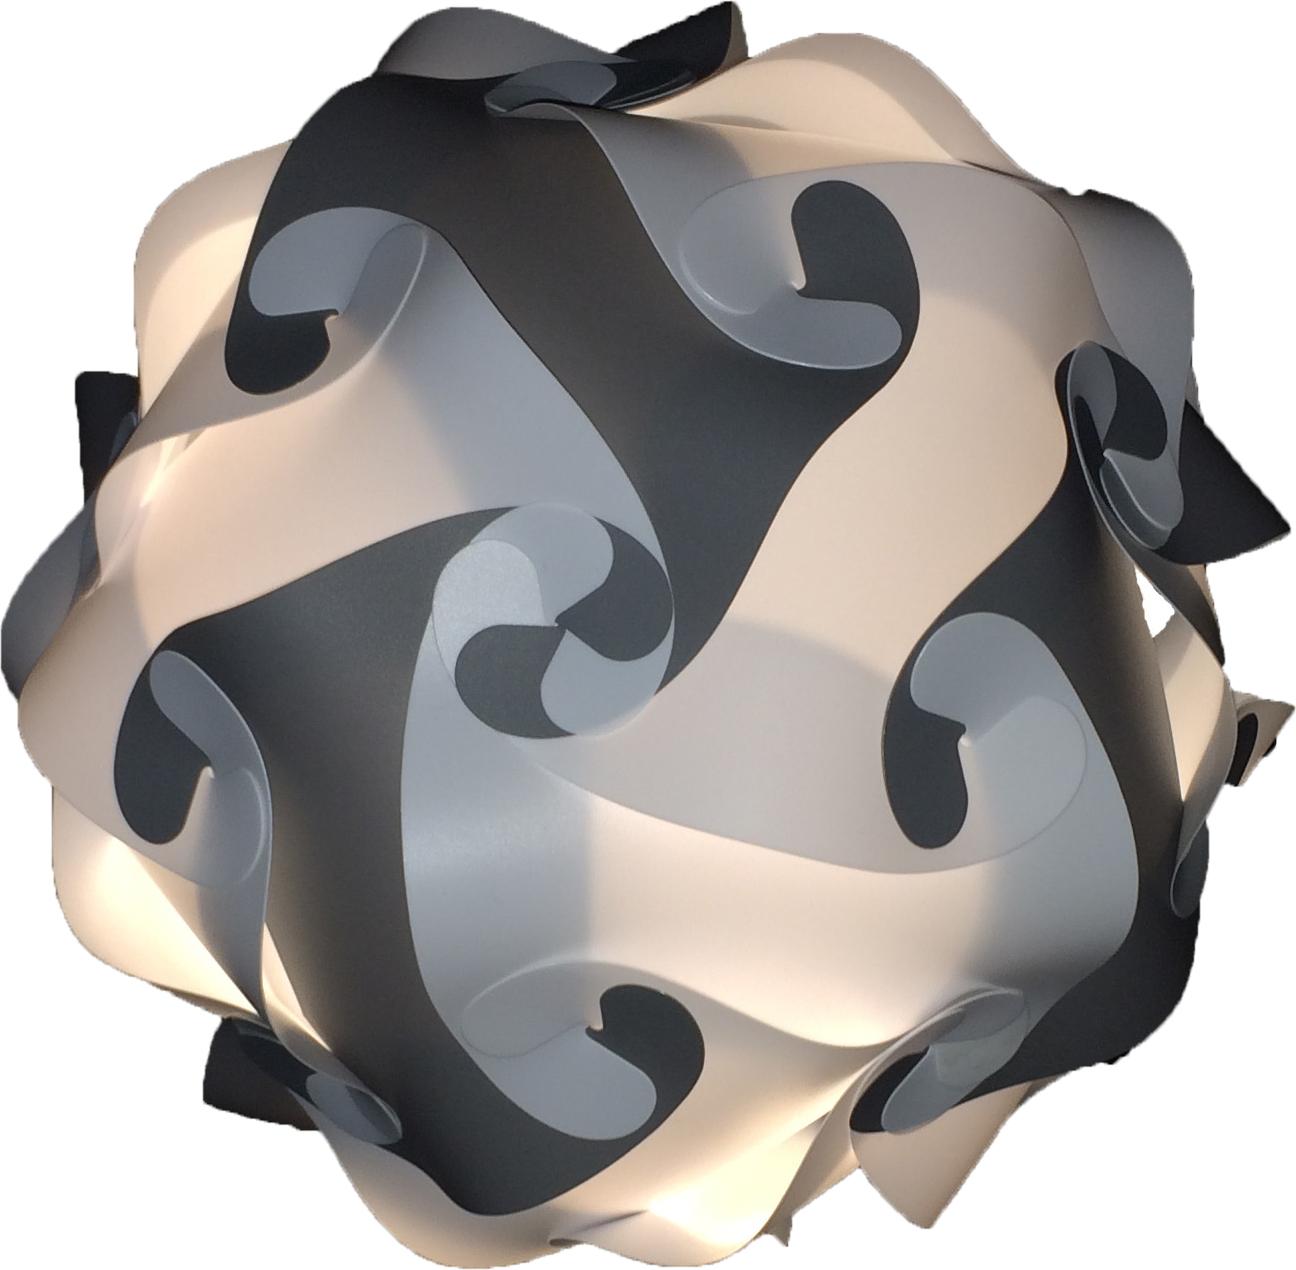 led lampe ohne kabel trendy elektrik led lampe with led lampe ohne kabel elegant great lasolar. Black Bedroom Furniture Sets. Home Design Ideas